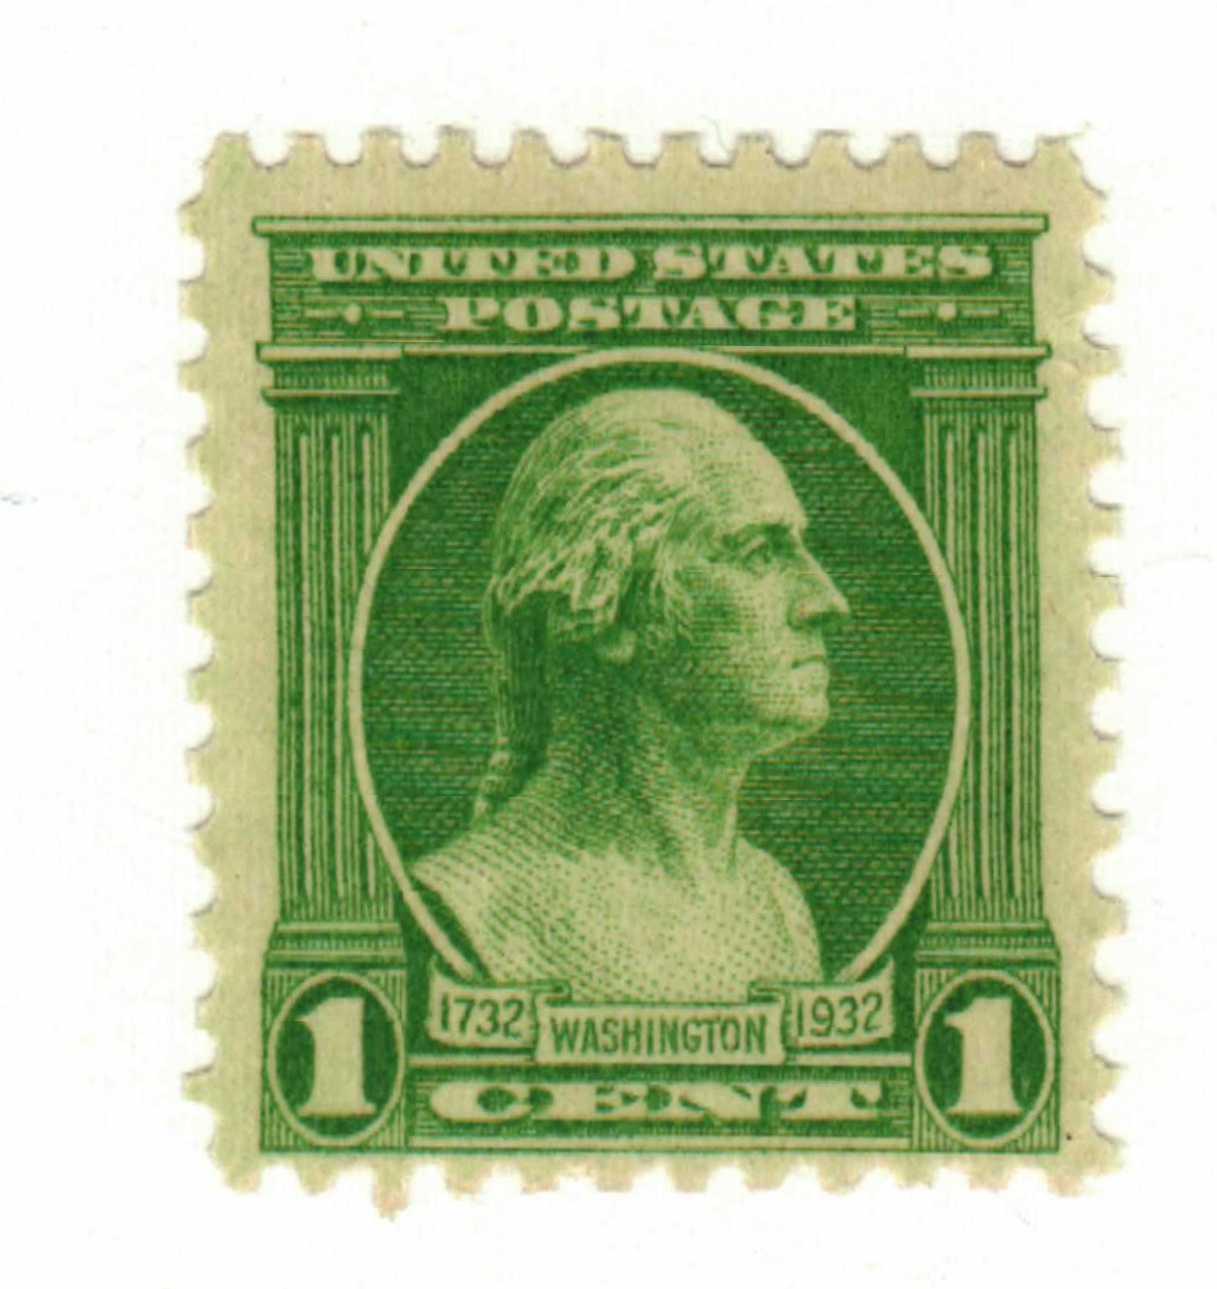 1932 Washington Bicentennial: 1c Washington from the Houdon Bust